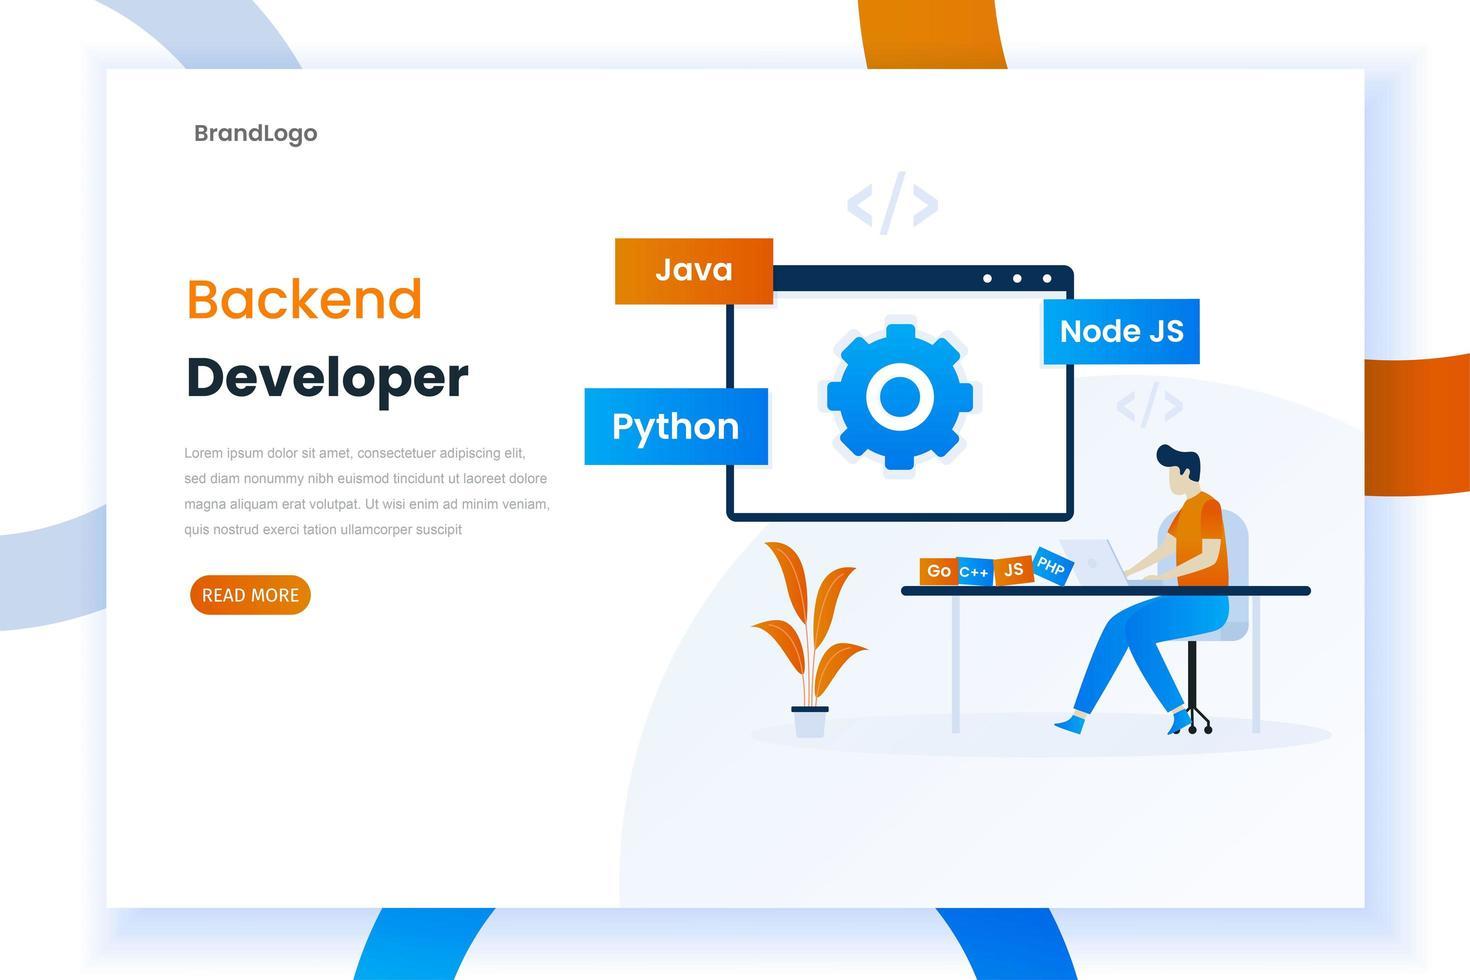 lenguajes de programación de desarrollo de backend vector